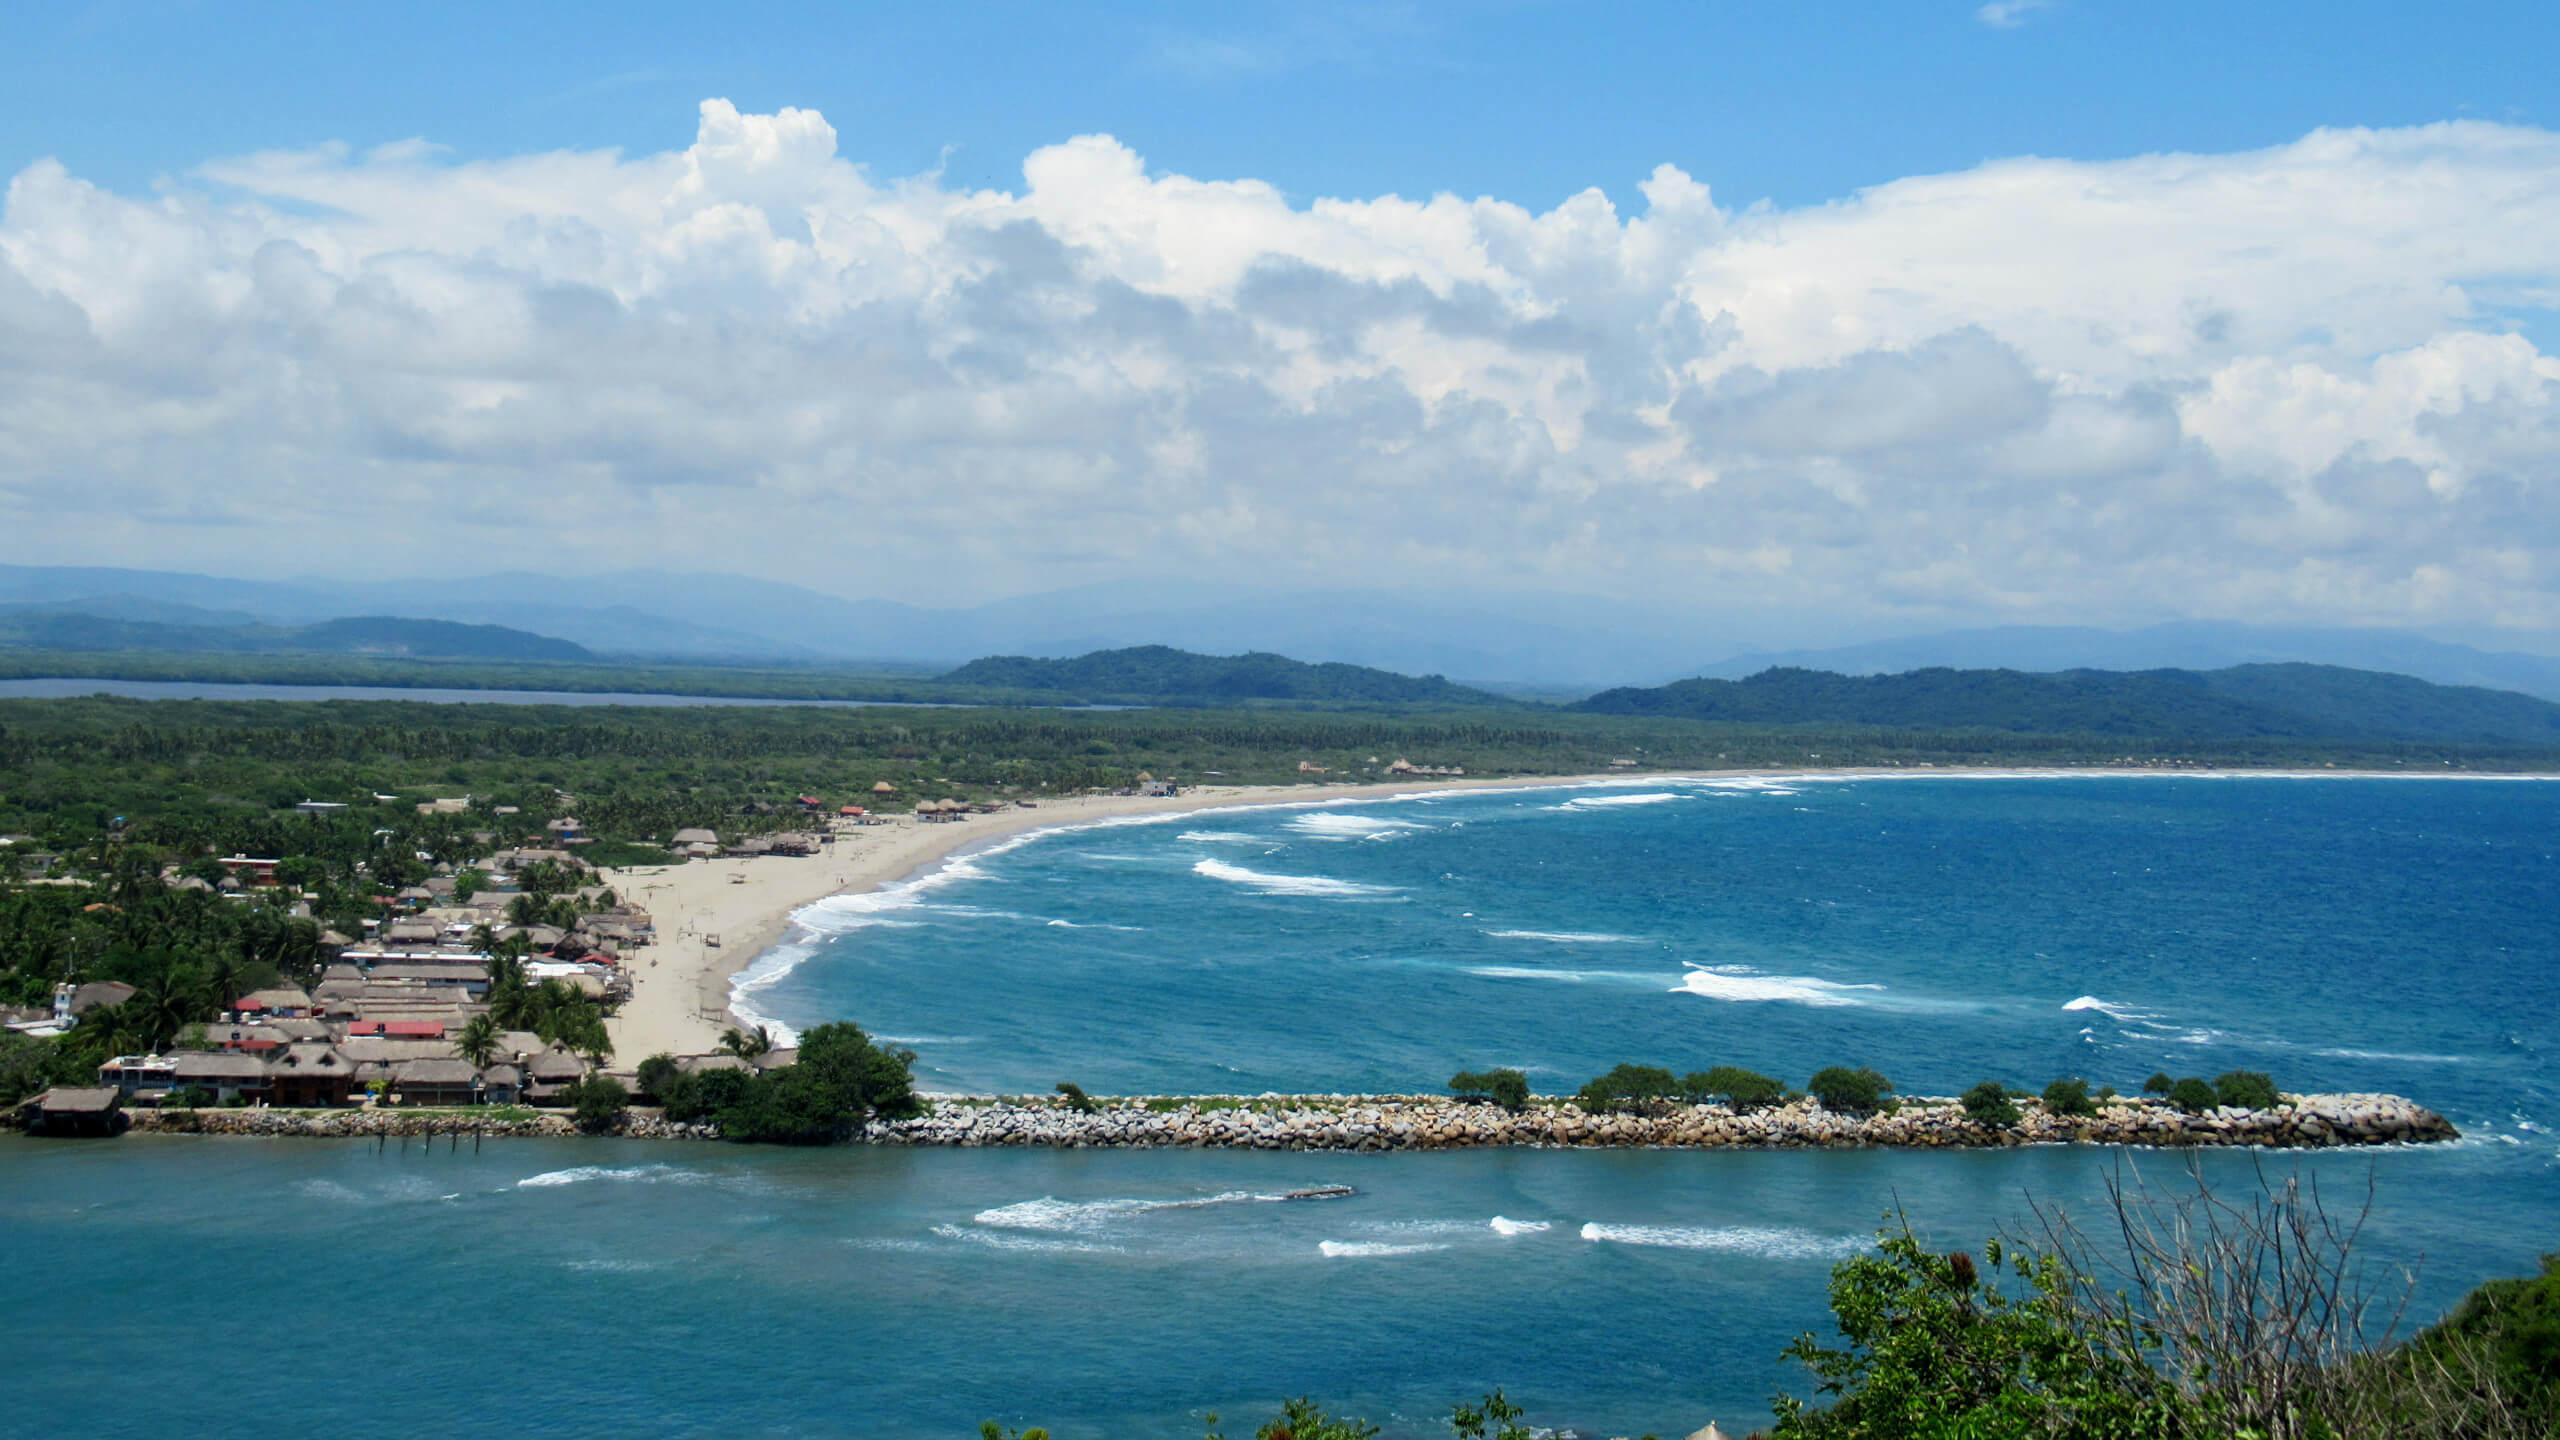 Lagunas de Chacahua, Oaxaca (Ultimate 2021 Travel Guide)